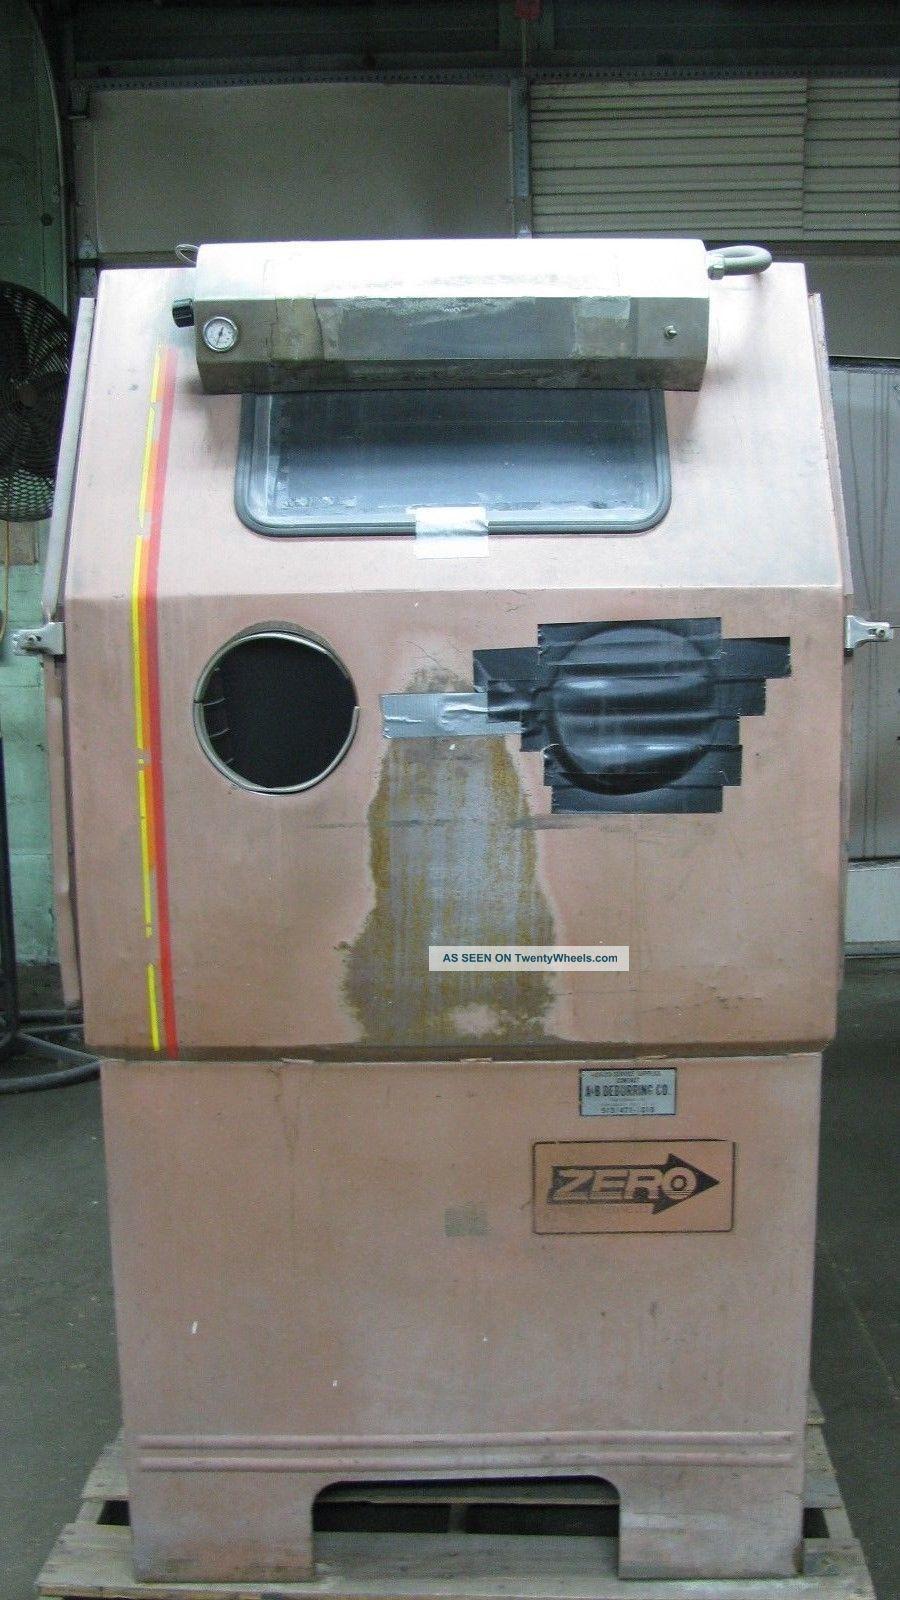 Zero Bp 65 - 20 Blast Cabinet Finishing Machines photo